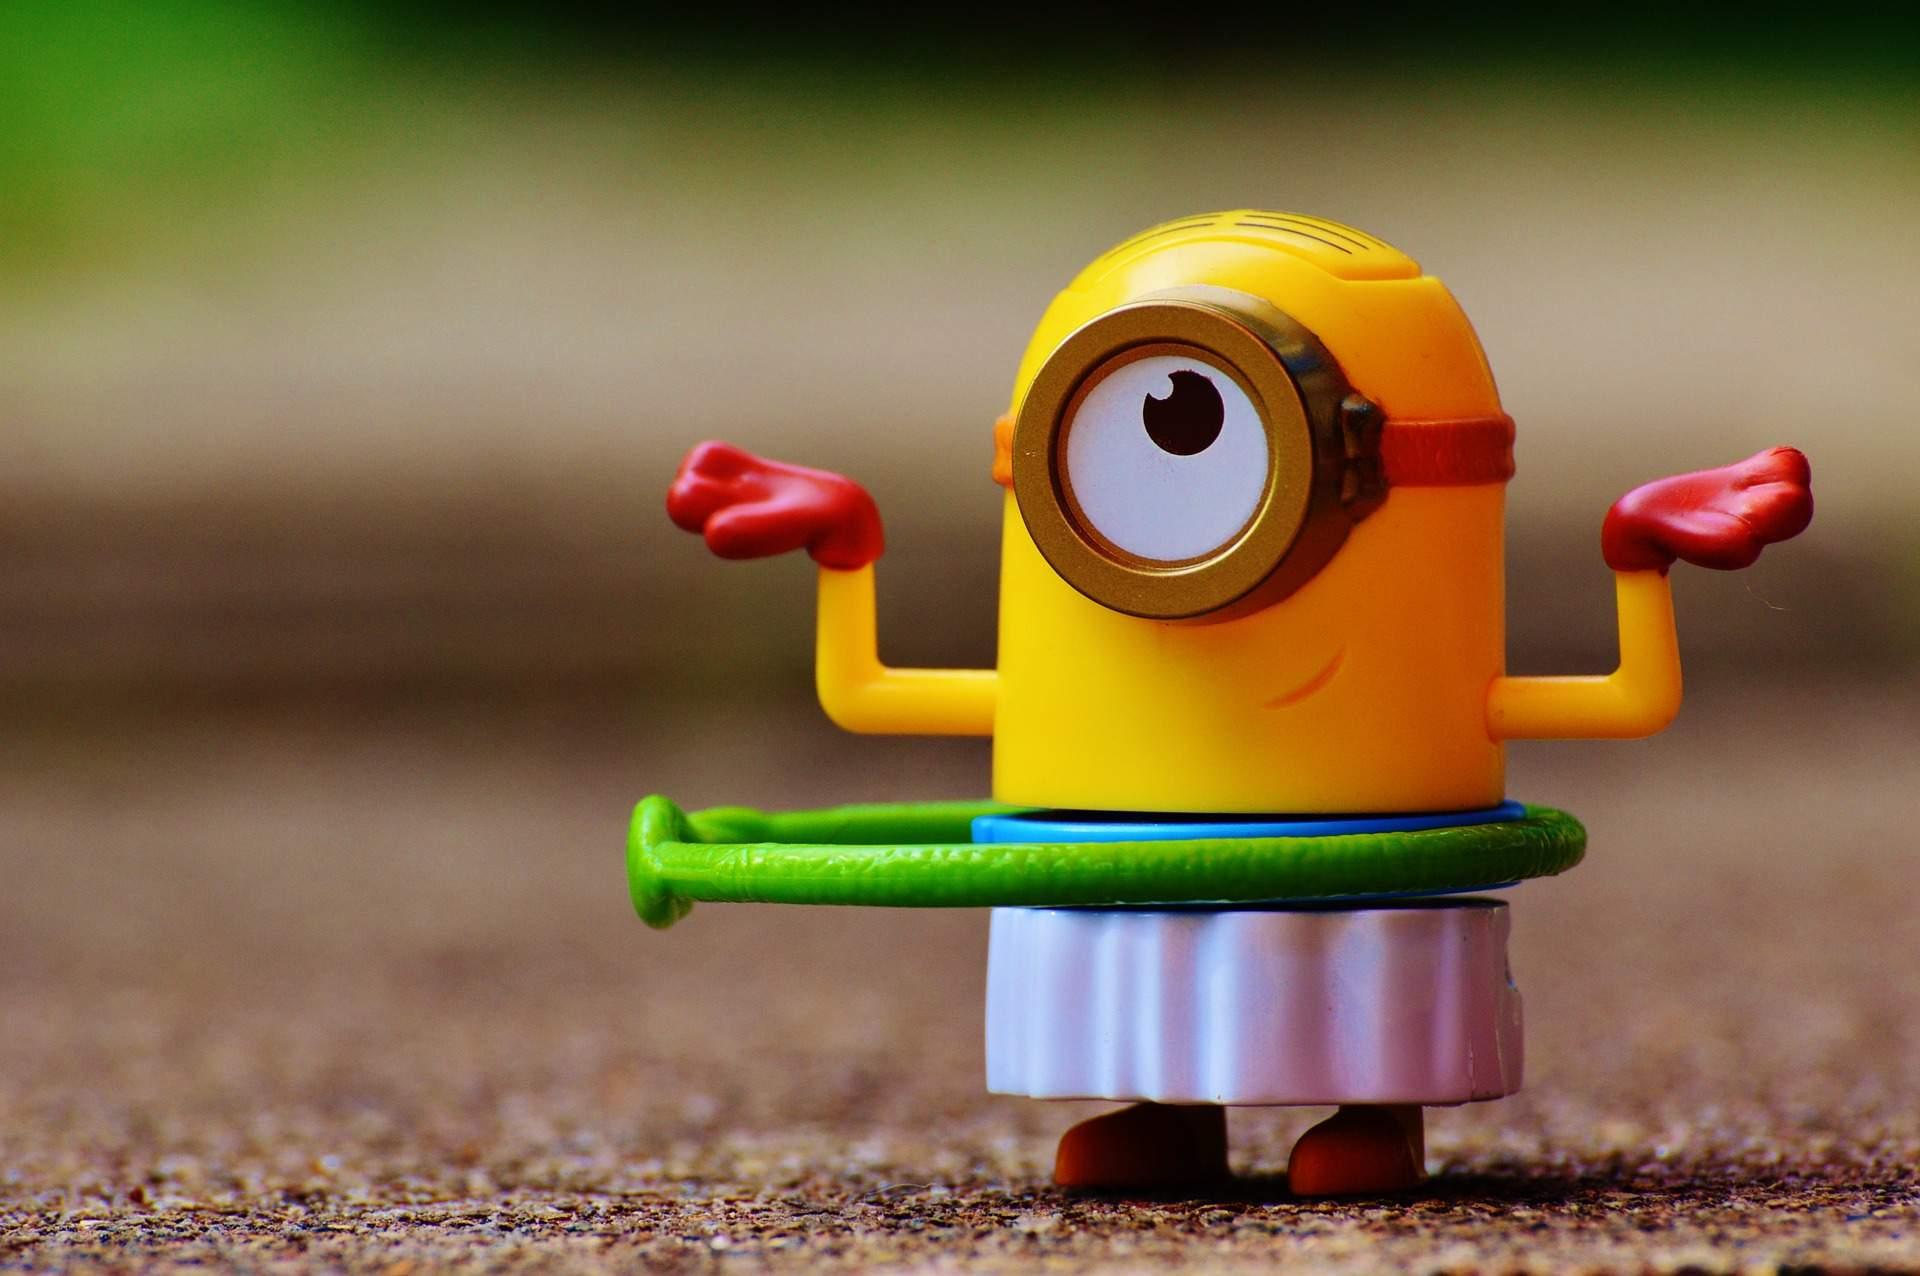 Anuncios de juguetes: evolución